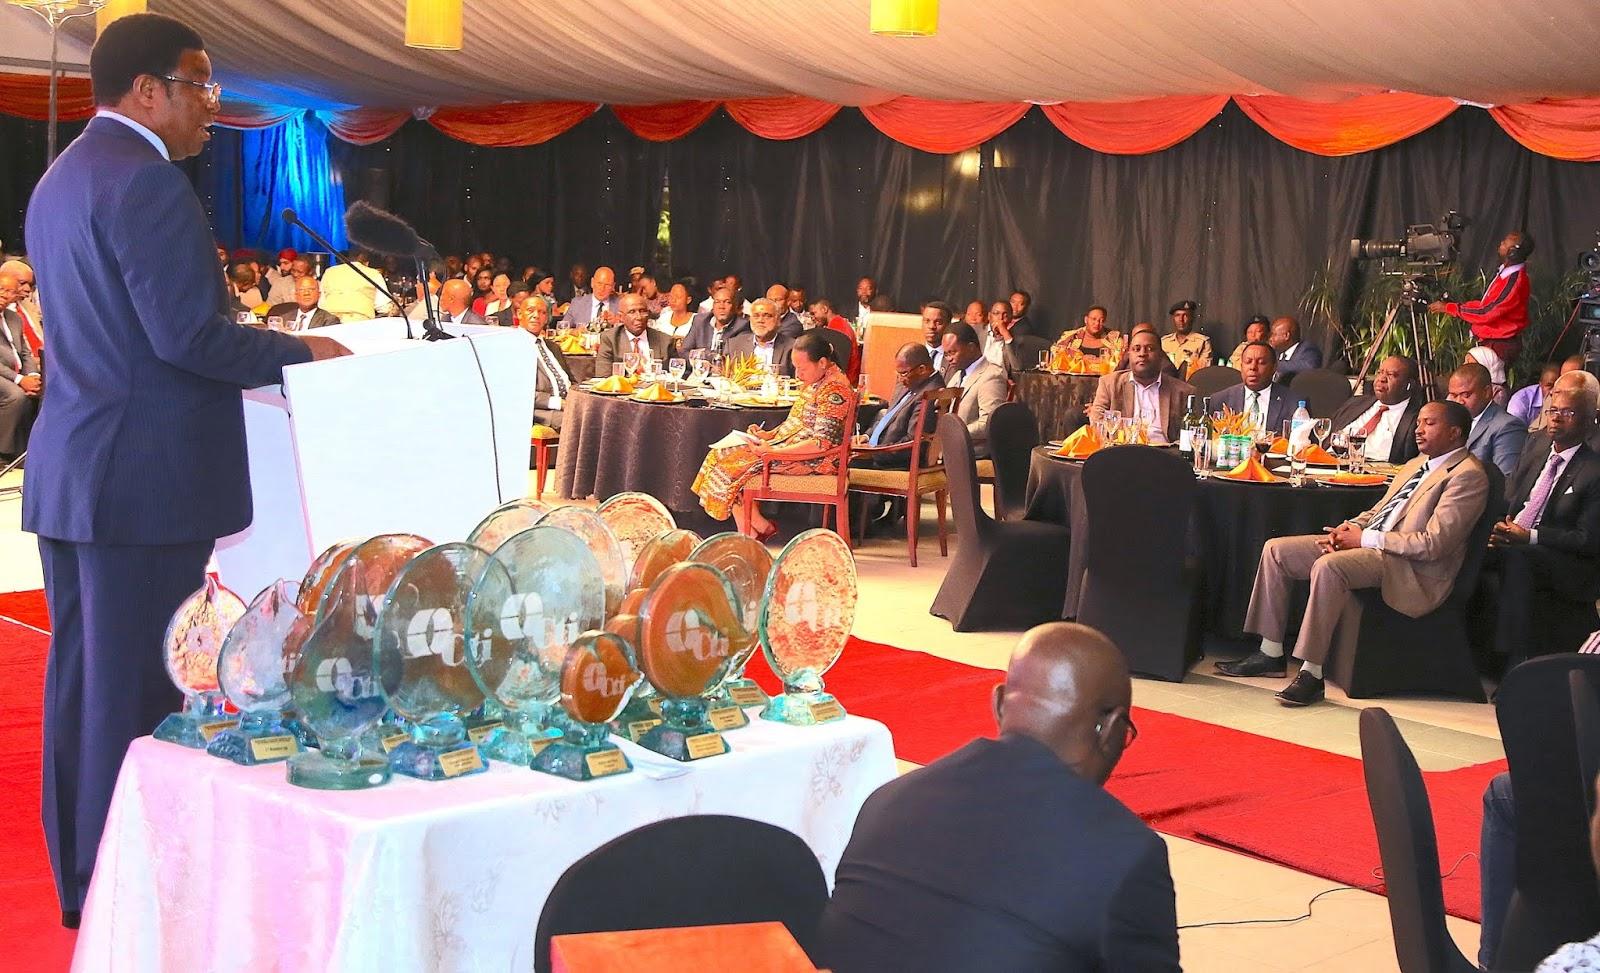 Waziri Mkuu: Viwanda 4,000 vimejengwa chini ya Serikali ya awamu ya tano | Sasa Vinachangia Pato la Taifa kwa asilimia 8.05 na kutoa ajira 306,180